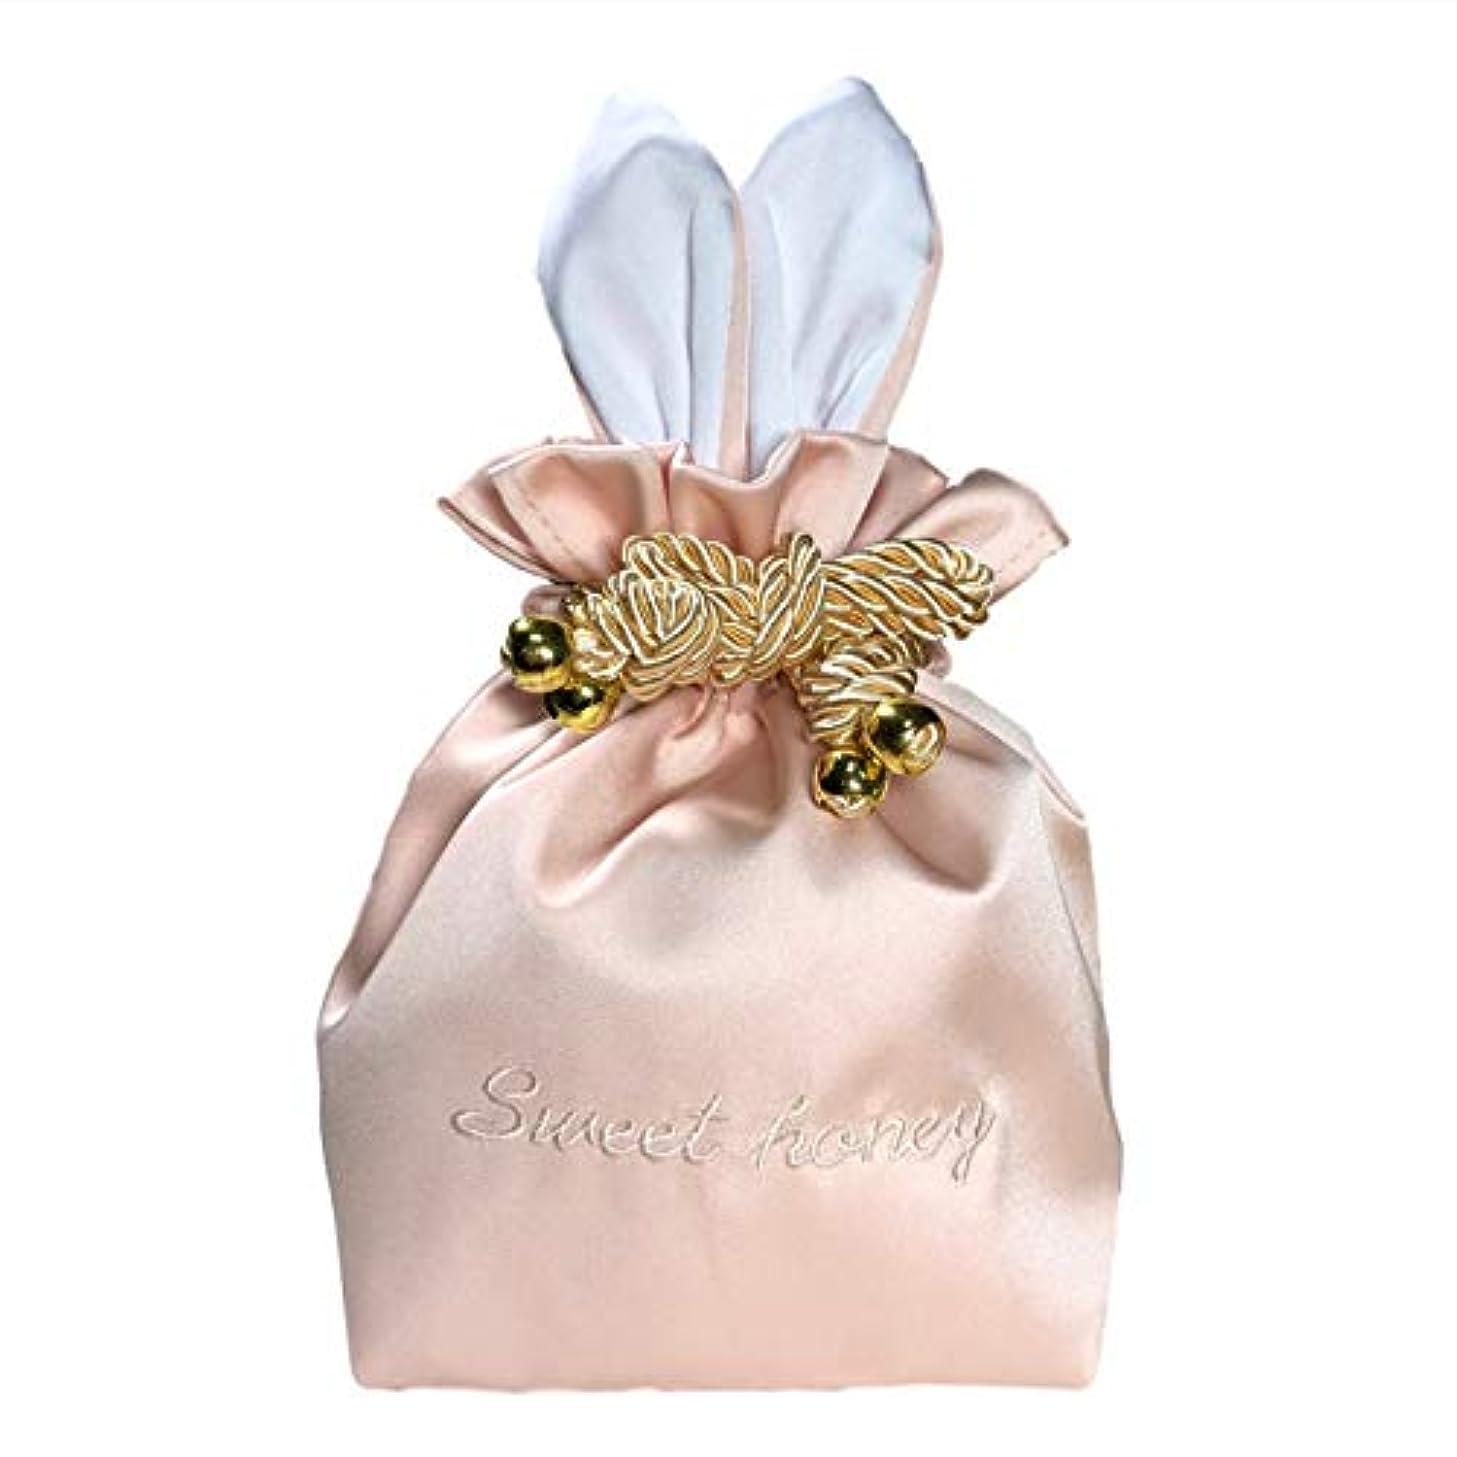 内なる土器剪断RER ウサギ コスメポーチ 化粧ポーチ 化粧品 たっぷり 収納 ポーチ コスメ ケース 巾着 (ピンク)